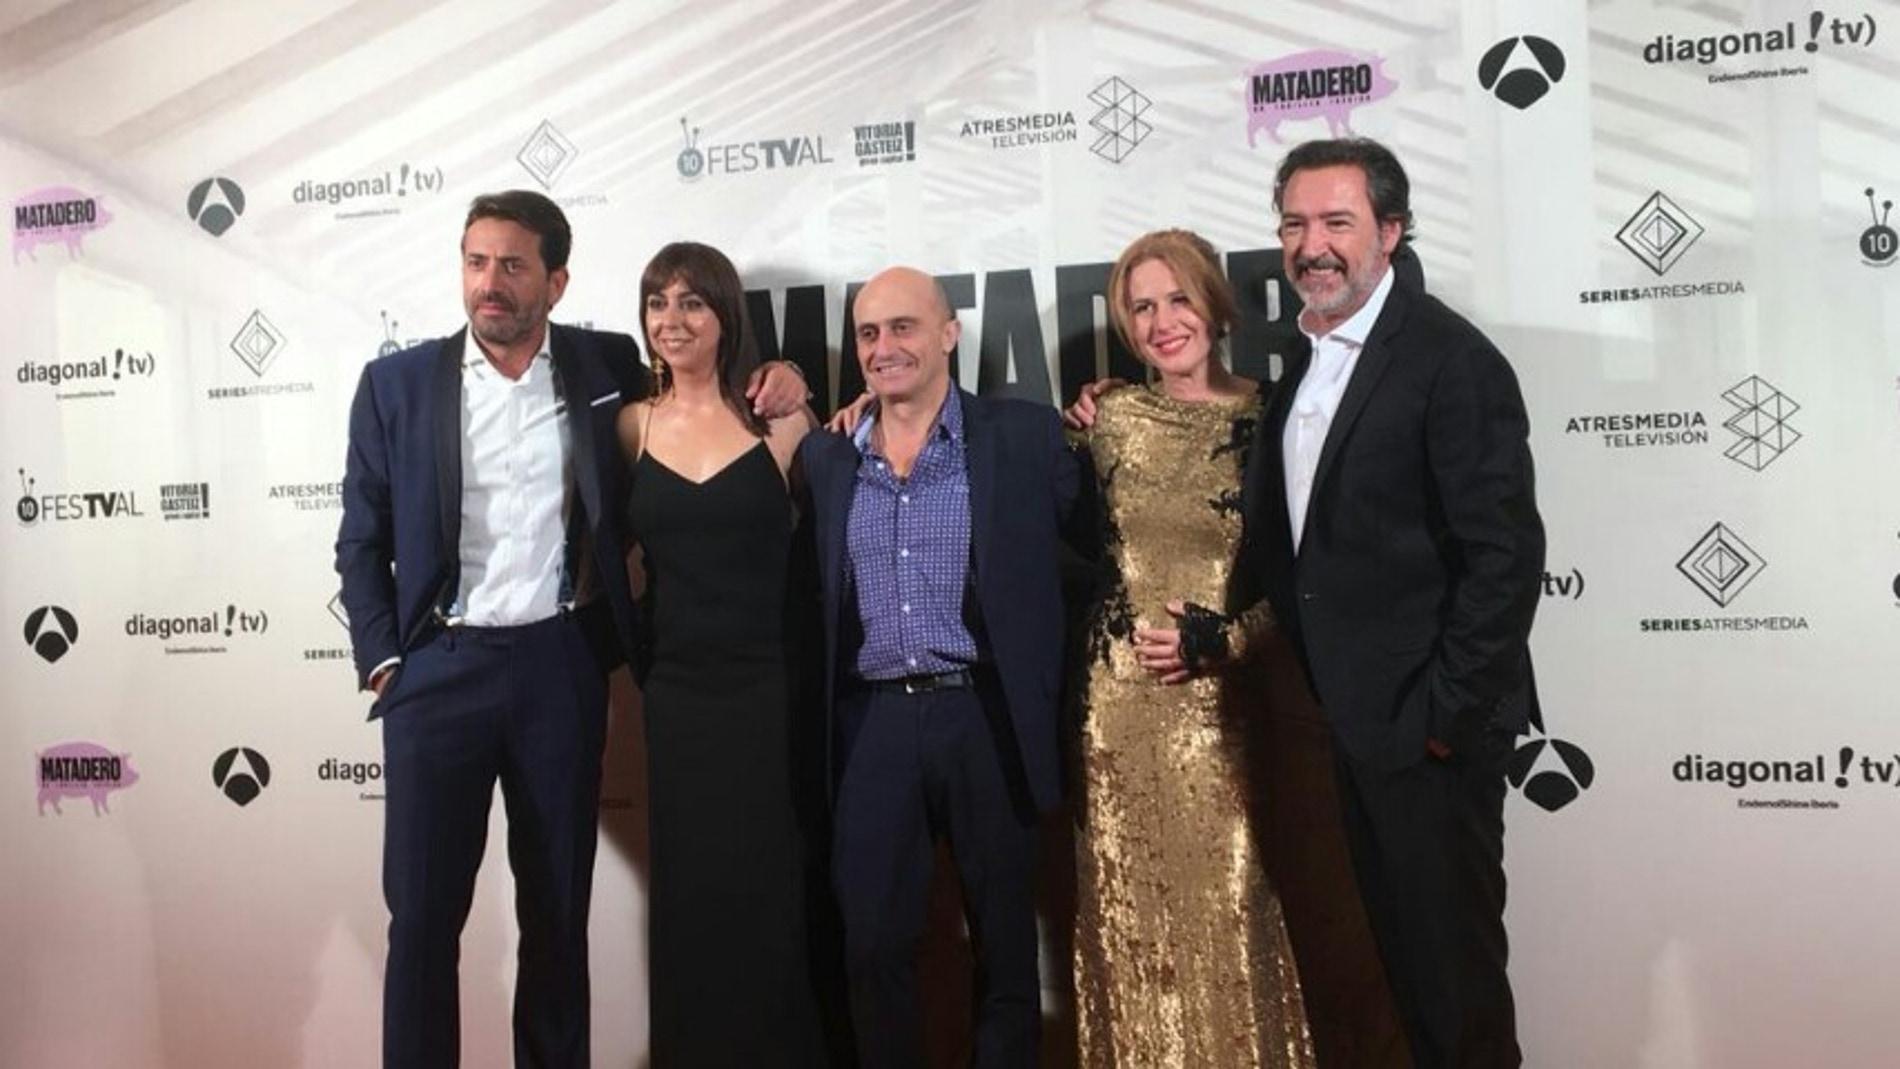 Los protagonistas de 'Matadero' en la premiere del FesTVal de Vitoria